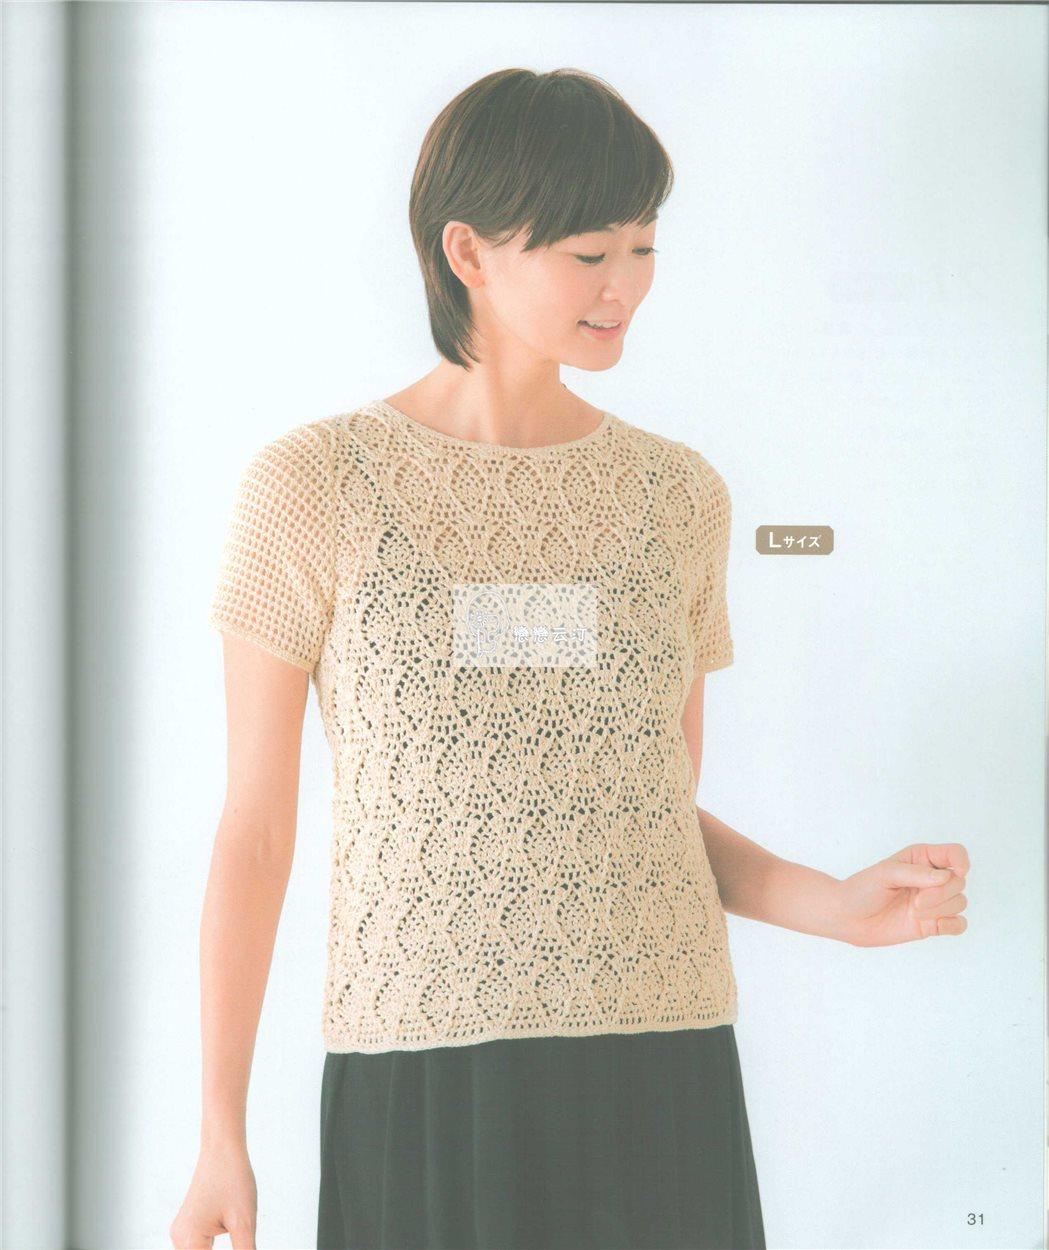 blouse designs pdf free download